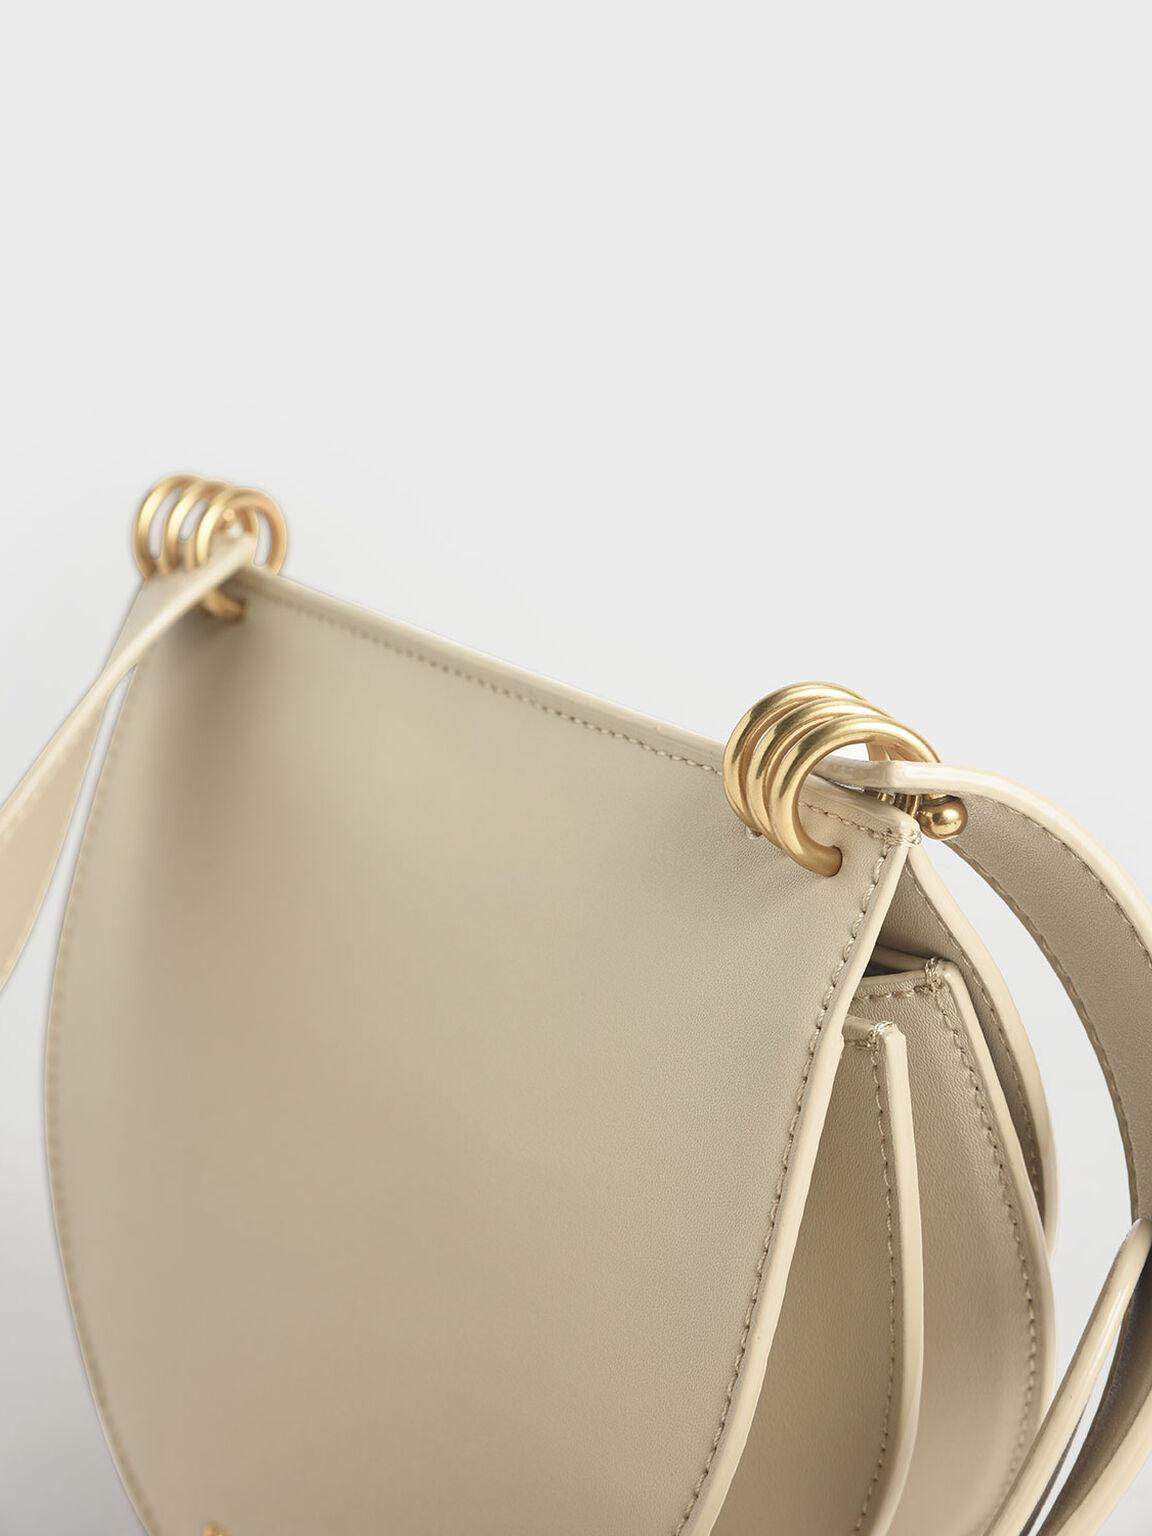 Ring Push-Lock Saddle Bag, Ivory, hi-res